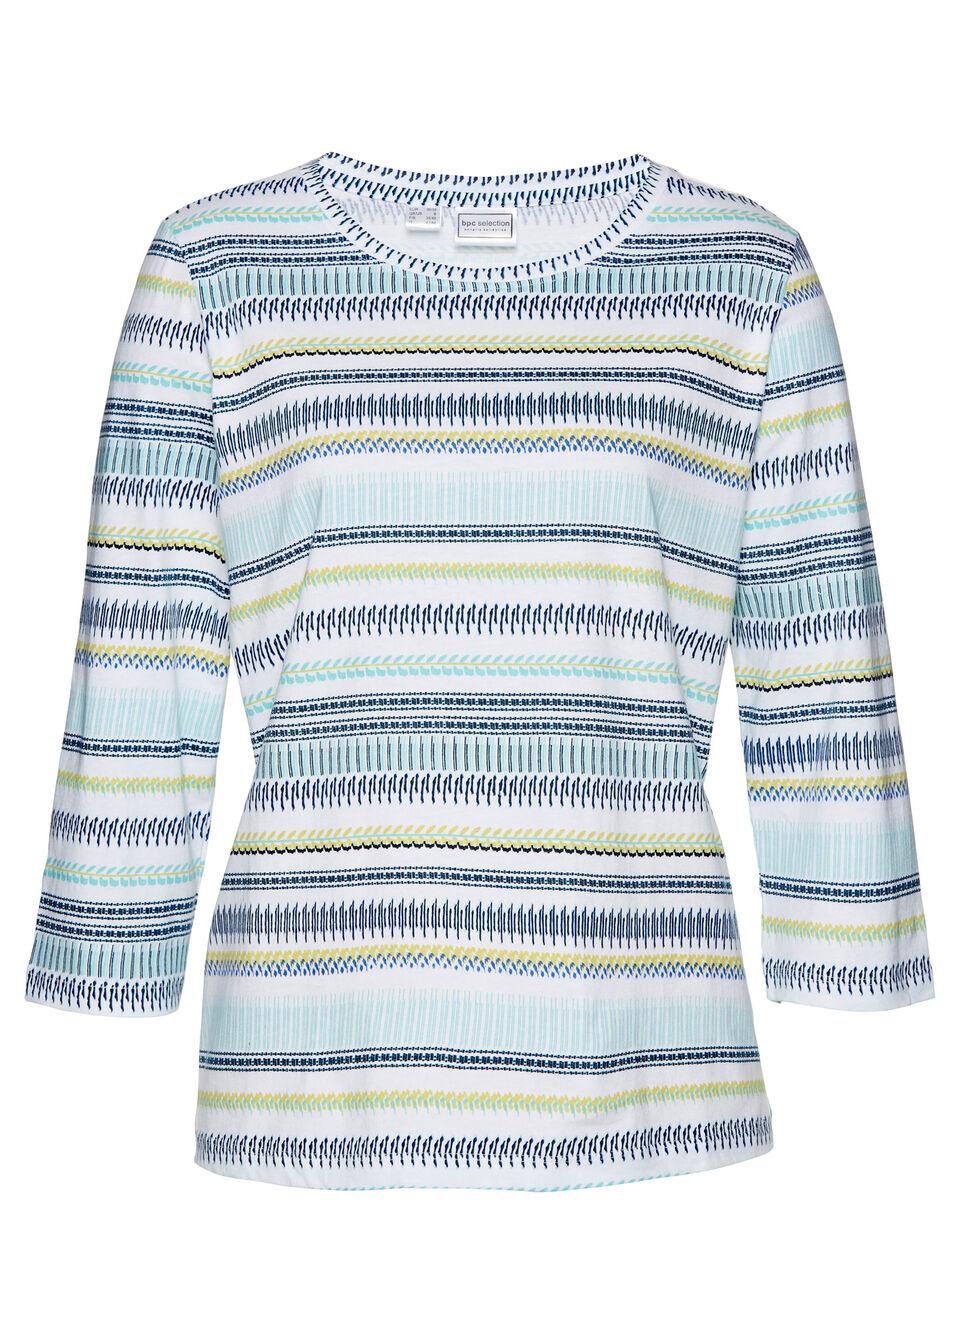 Shirt z nadrukiem, rękawy 3/4 bonprix biało-ciemnoniebieski z nadrukiem